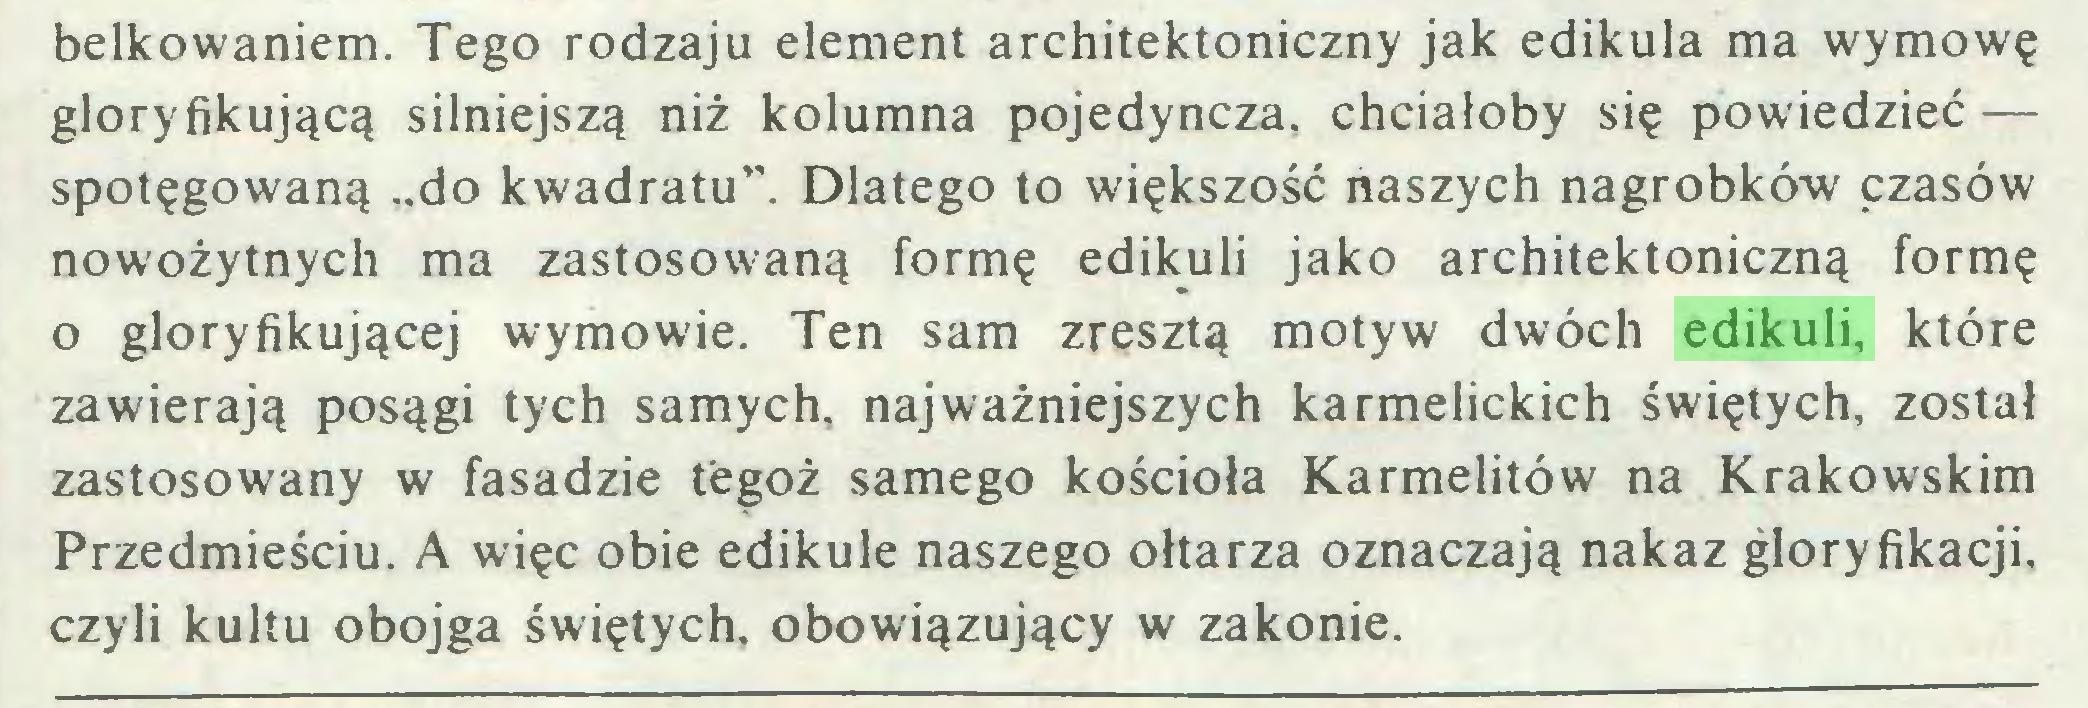 """(...) belkowaniem. Tego rodzaju element architektoniczny jak edikula ma wymowę gloryfikującą silniejszą niż kolumna pojedyncza, chciałoby się powiedzieć — spotęgowaną """"do kwadratu"""". Dlatego to większość naszych nagrobków czasów nowożytnych ma zastosowaną formę edikuli jako architektoniczną formę o gloryfikującej wymow-ie. Ten sam zresztą motyw dwóch edikuli, które zawierają posągi tych samych, najważniejszych karmelickich świętych, został zastosowany w fasadzie tegoż samego kościoła Karmelitów na Krakowskim Przedmieściu. A więc obie edikule naszego ołtarza oznaczają nakaz gloryfikacji, czyli kultu obojga świętych, obowiązujący w zakonie..."""